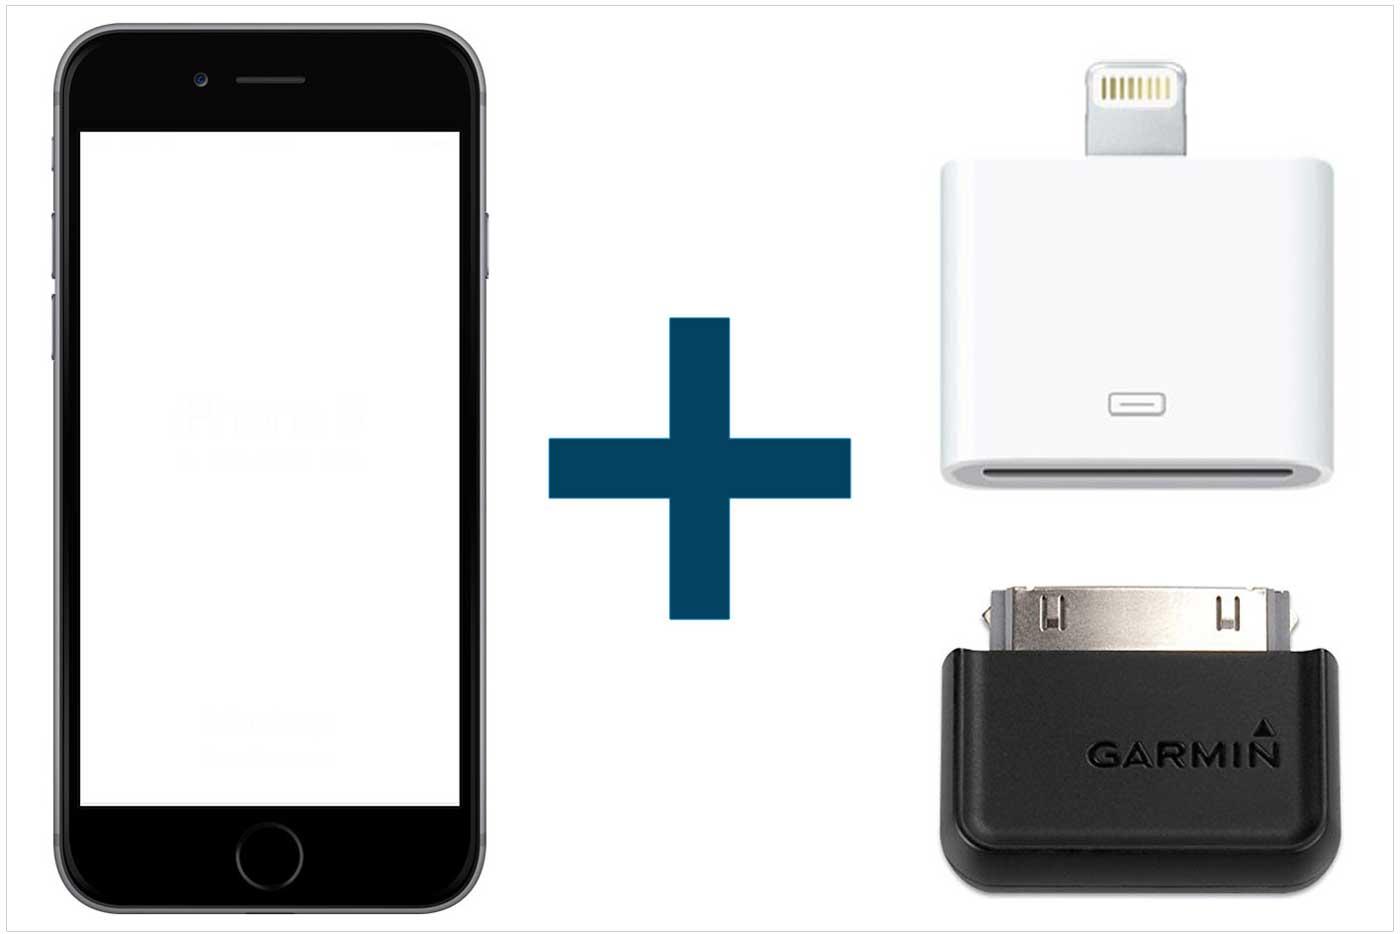 iPhone/iPadをANT+接続する場合